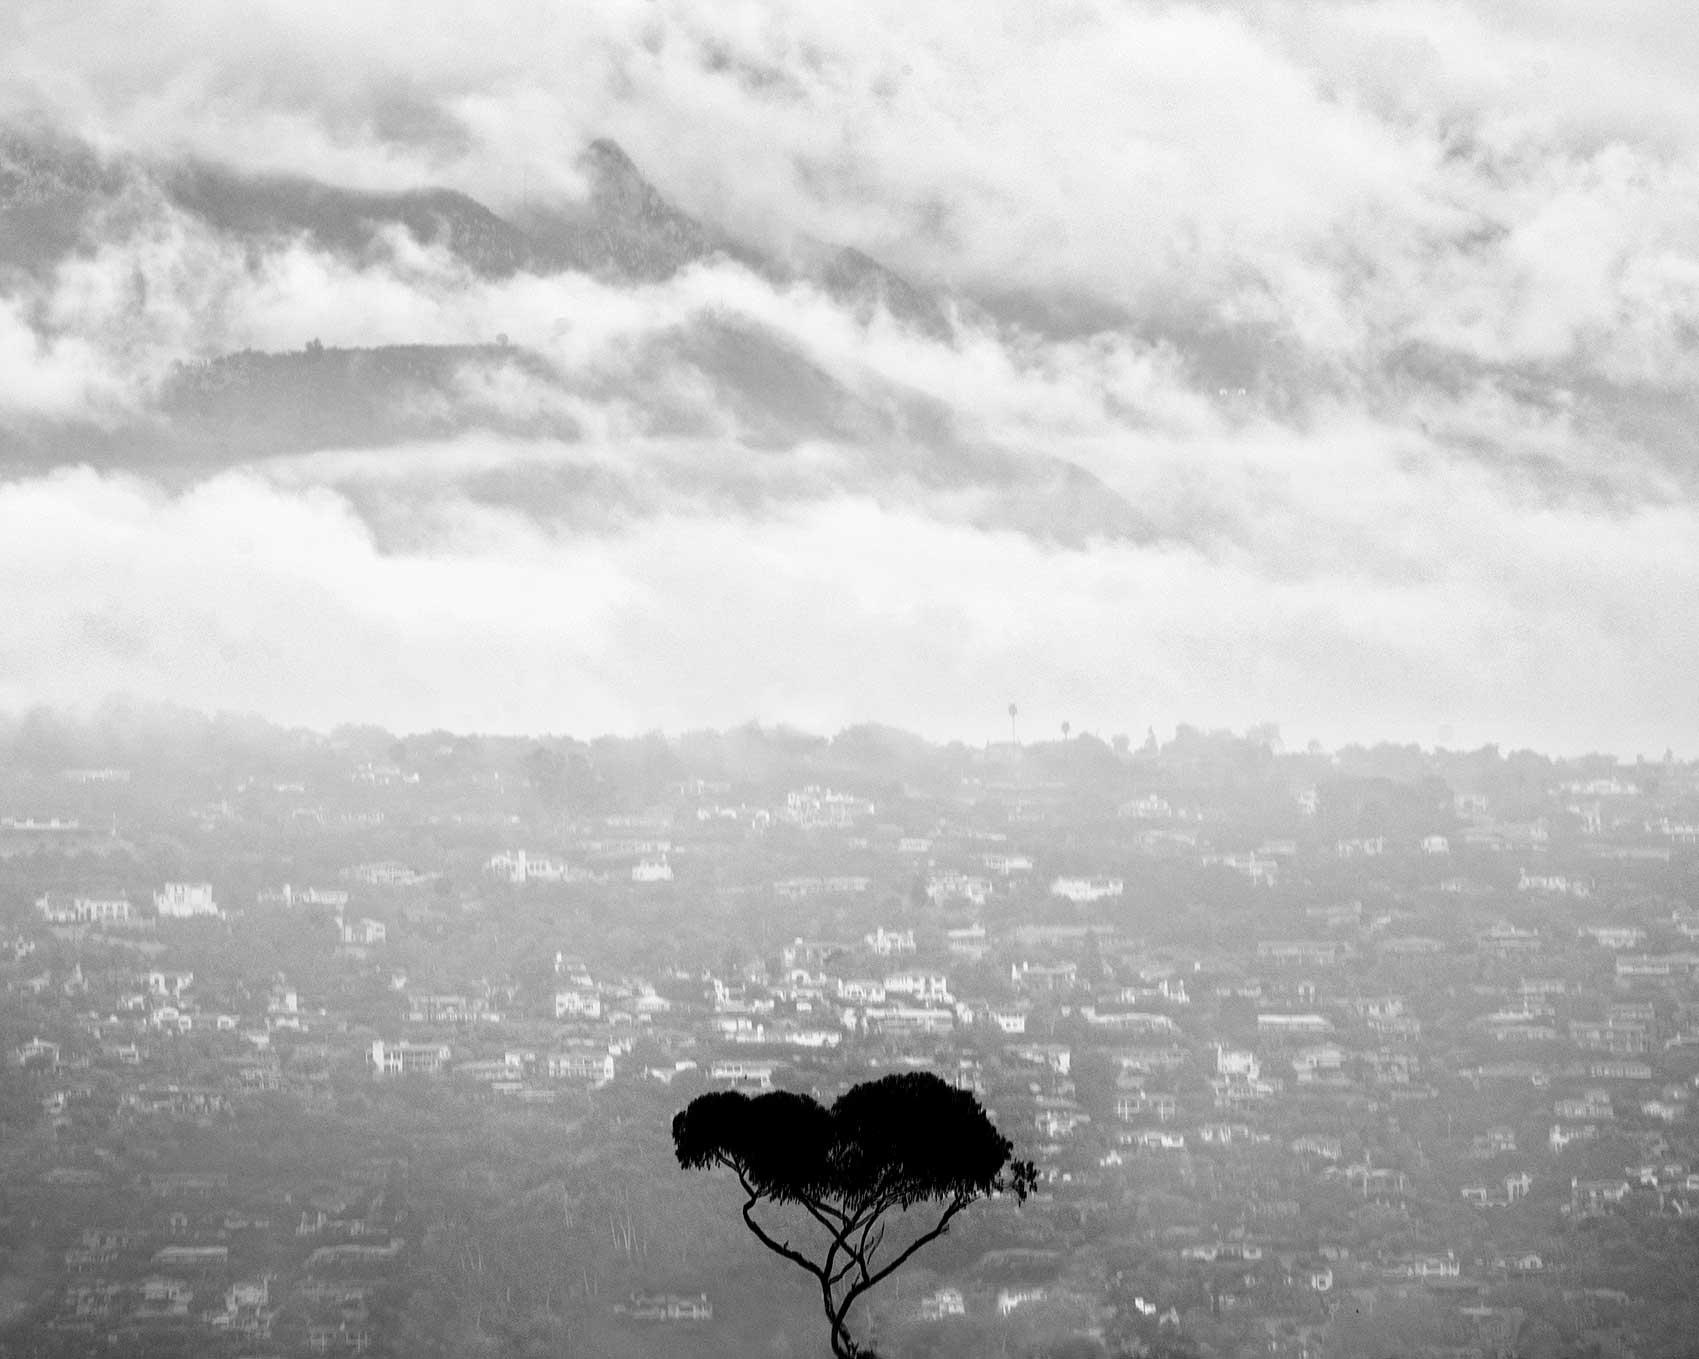 © Peter Jamus